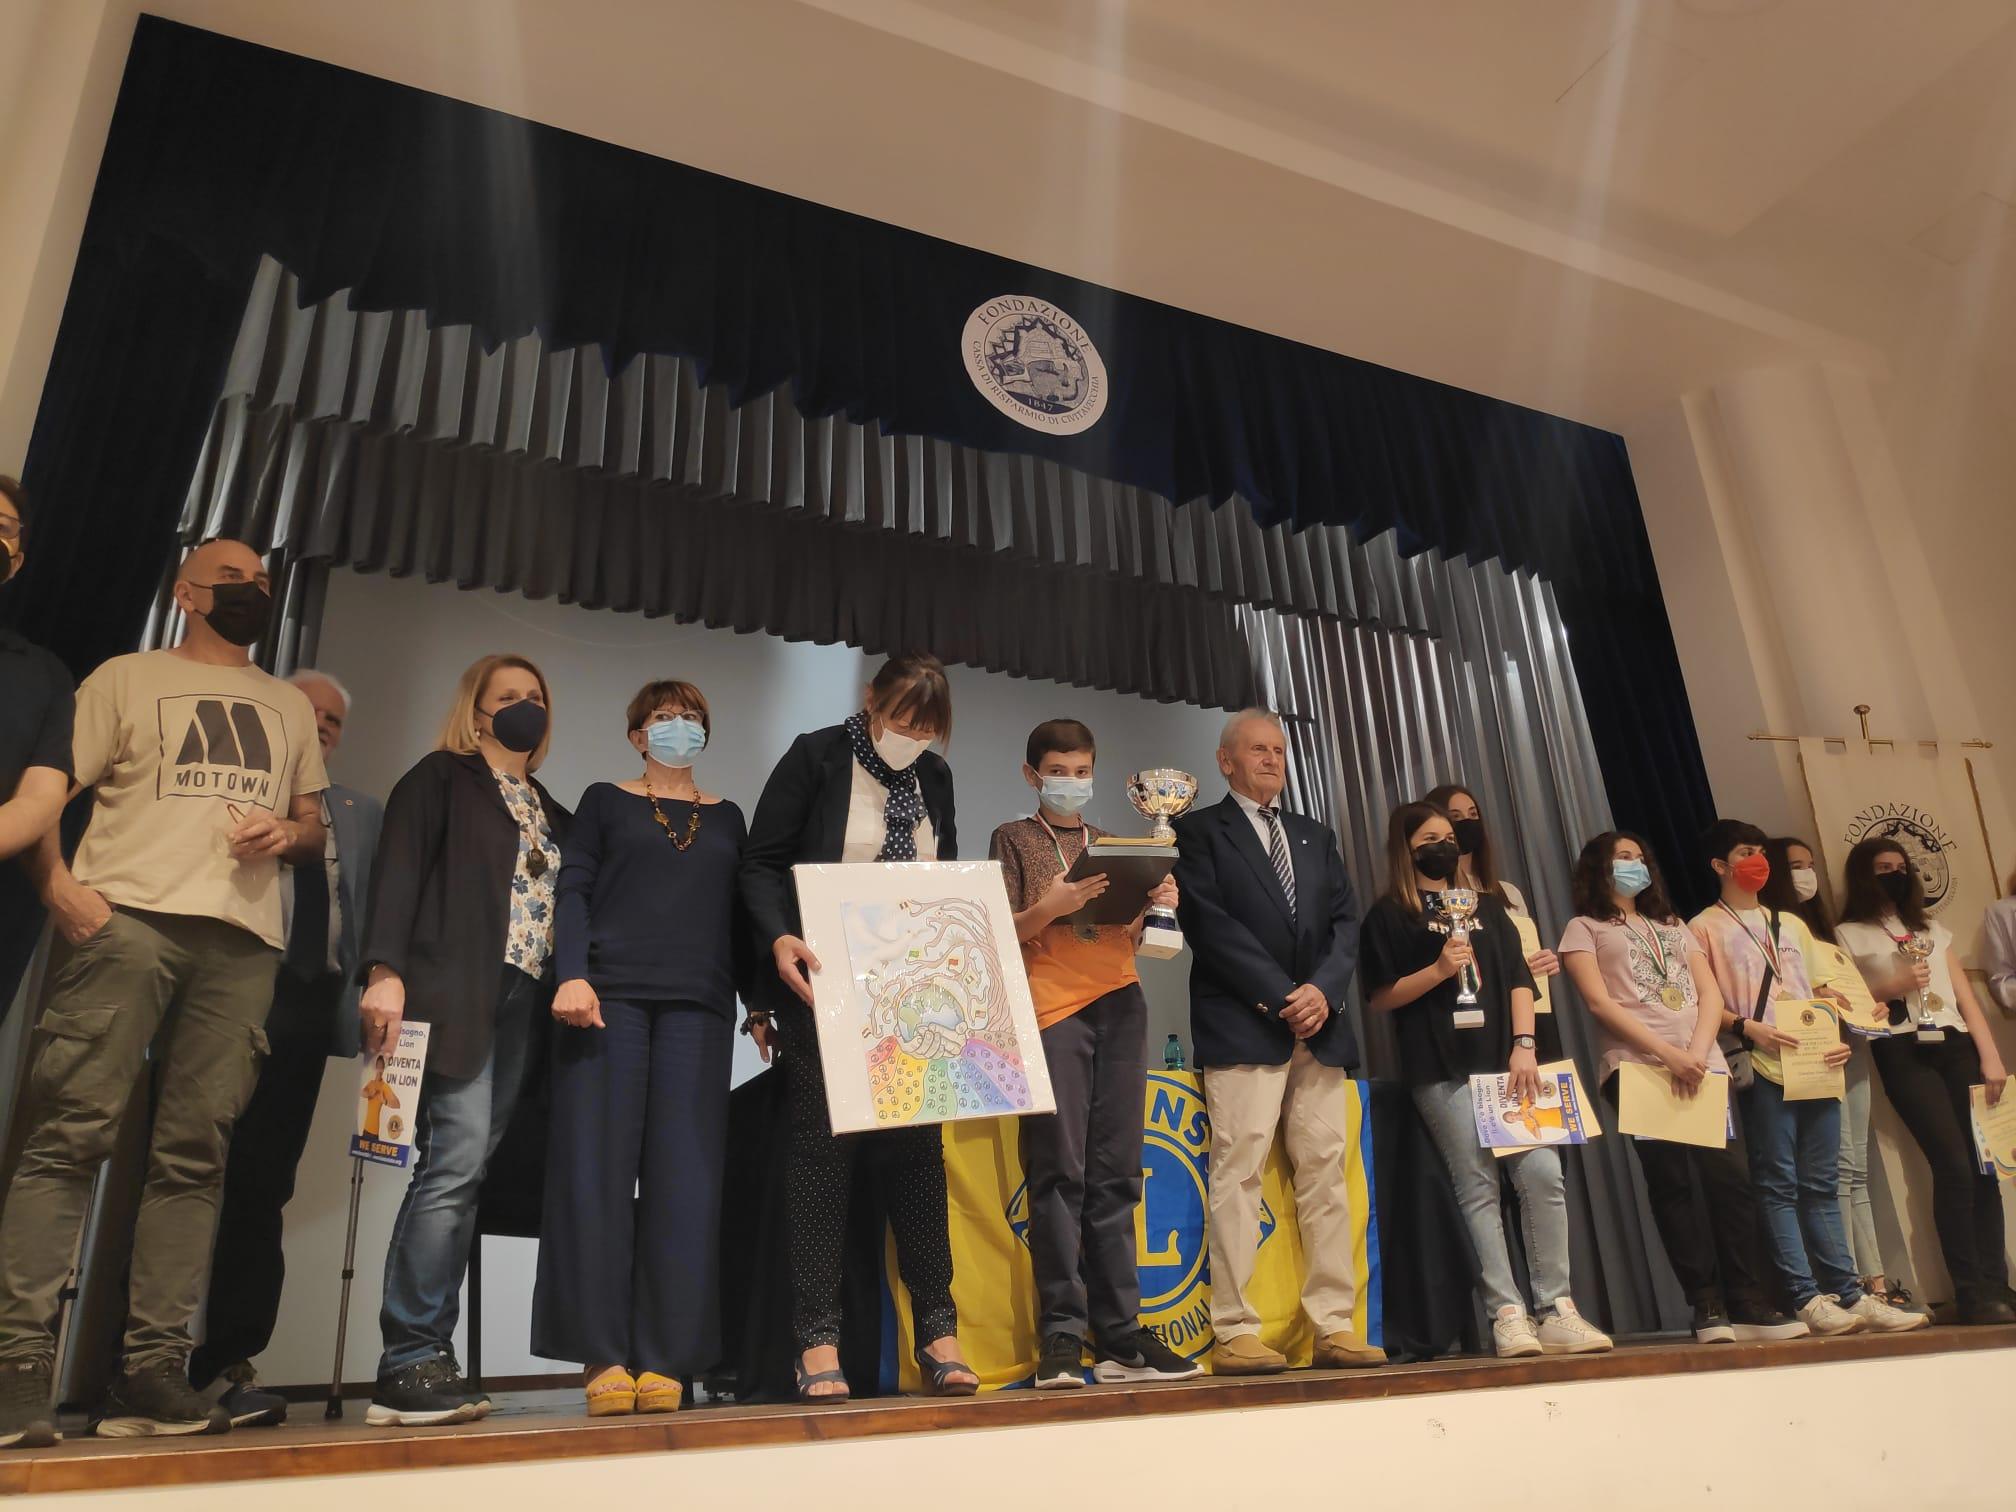 Un poster per la pace, premiati i vincitori locali del concorso